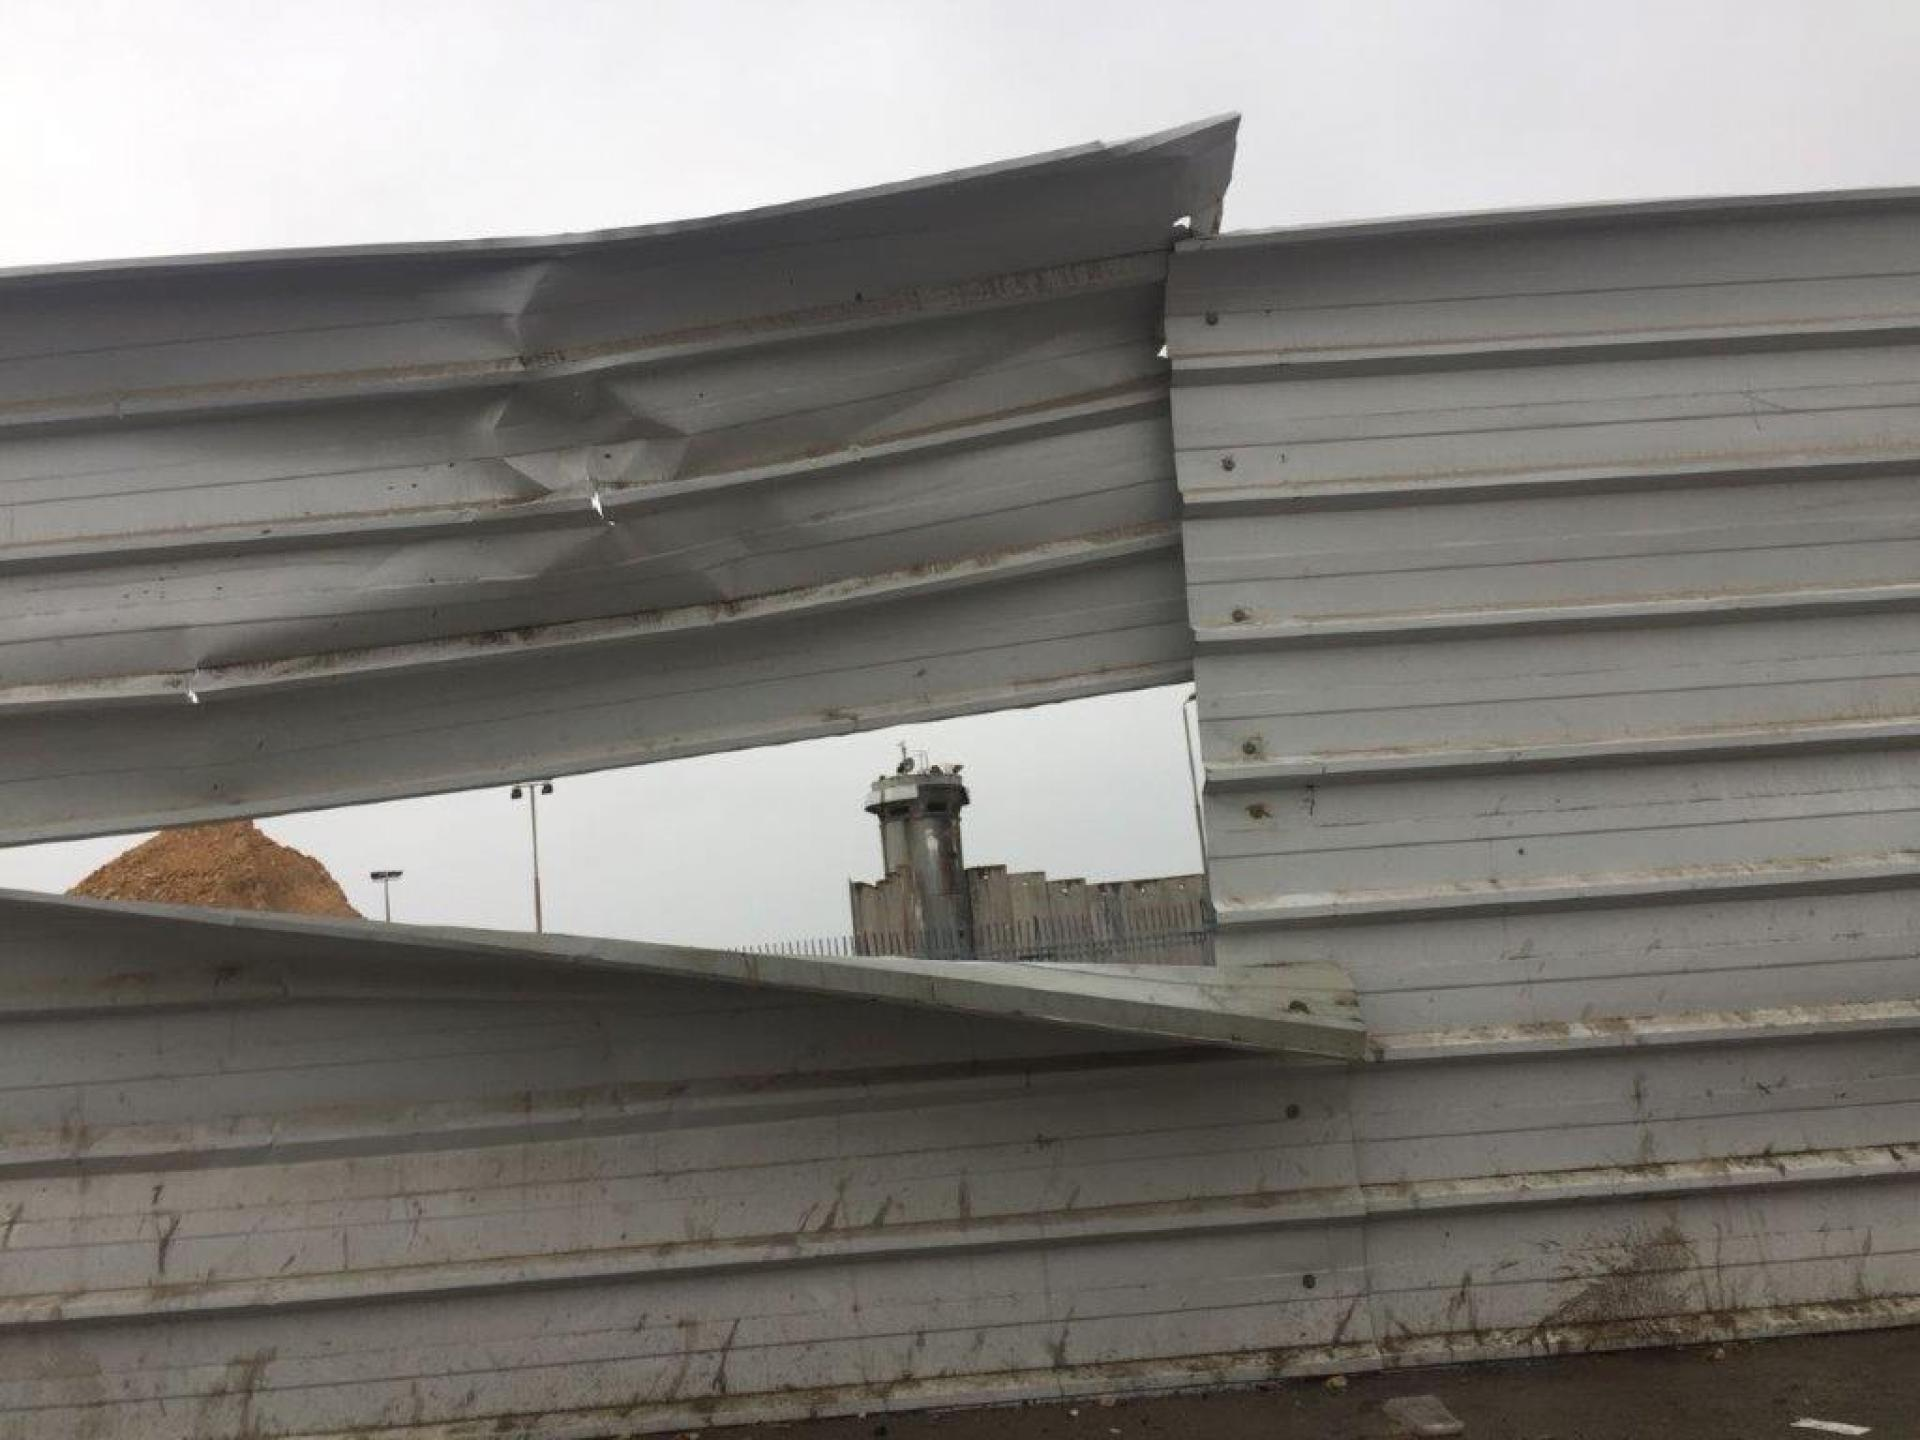 העדשה קלטה את אחד ממגדלי השמירה מציץ מבעד לגדר הפח